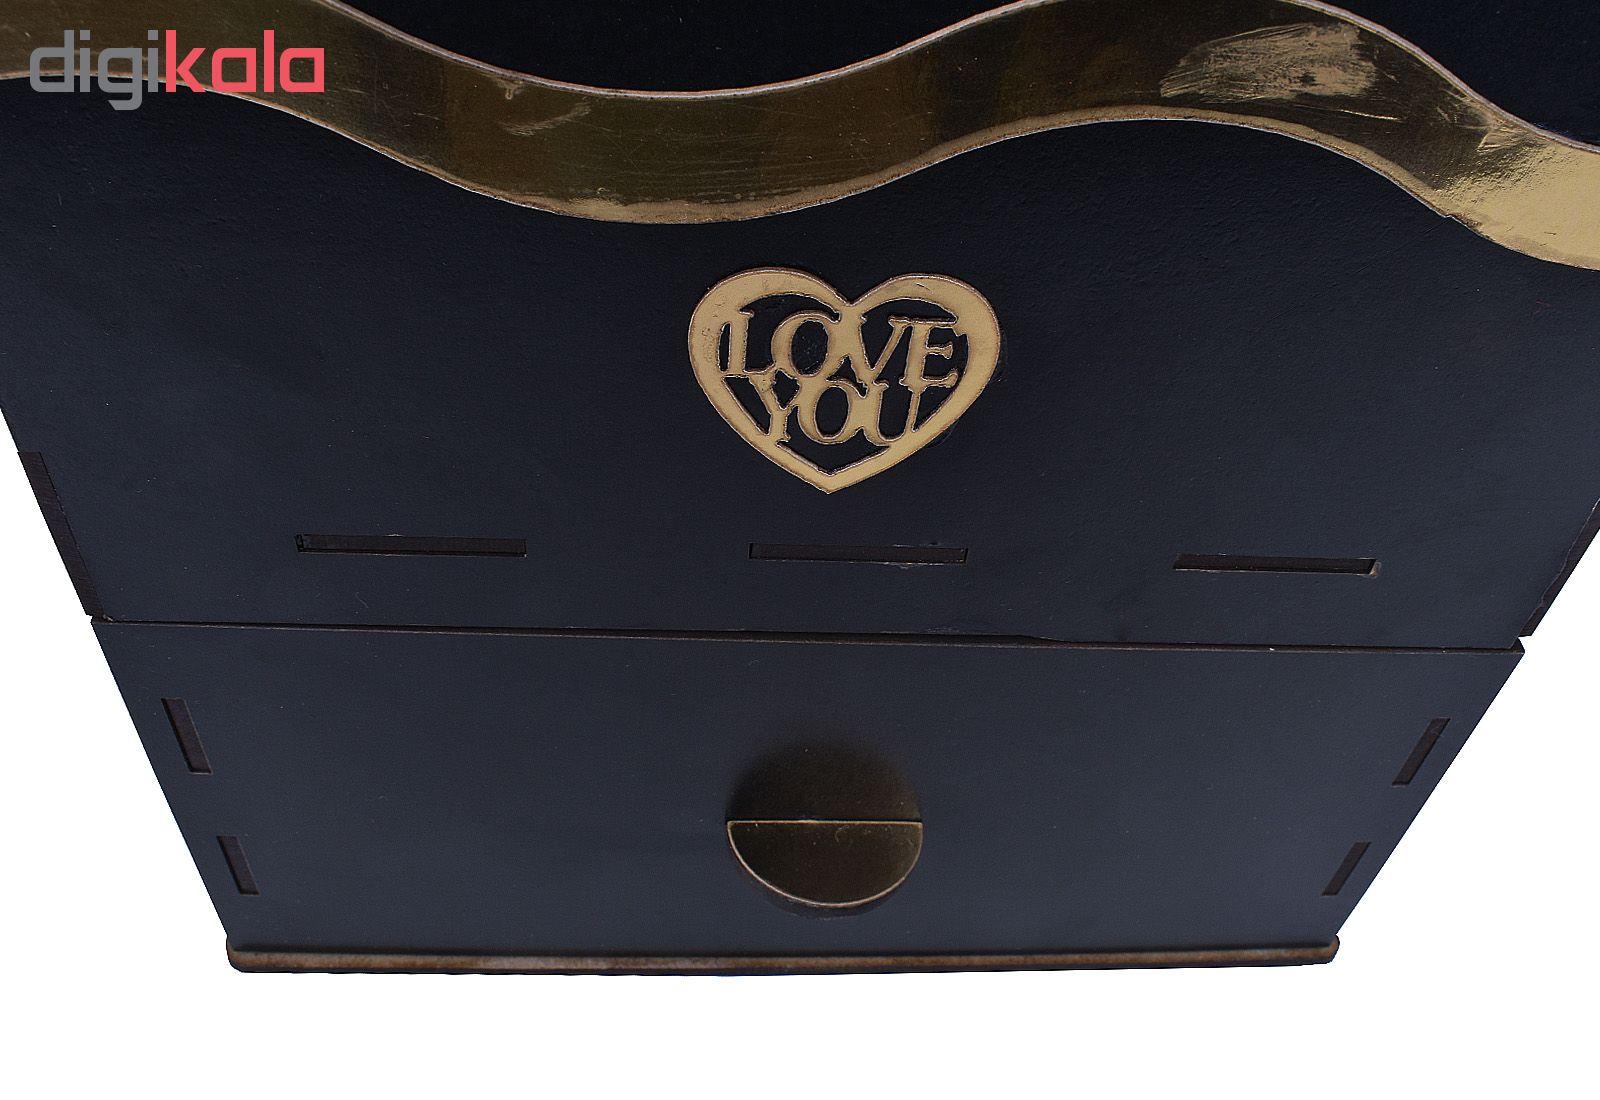 جعبه و گل مصنوعی مدل M1912